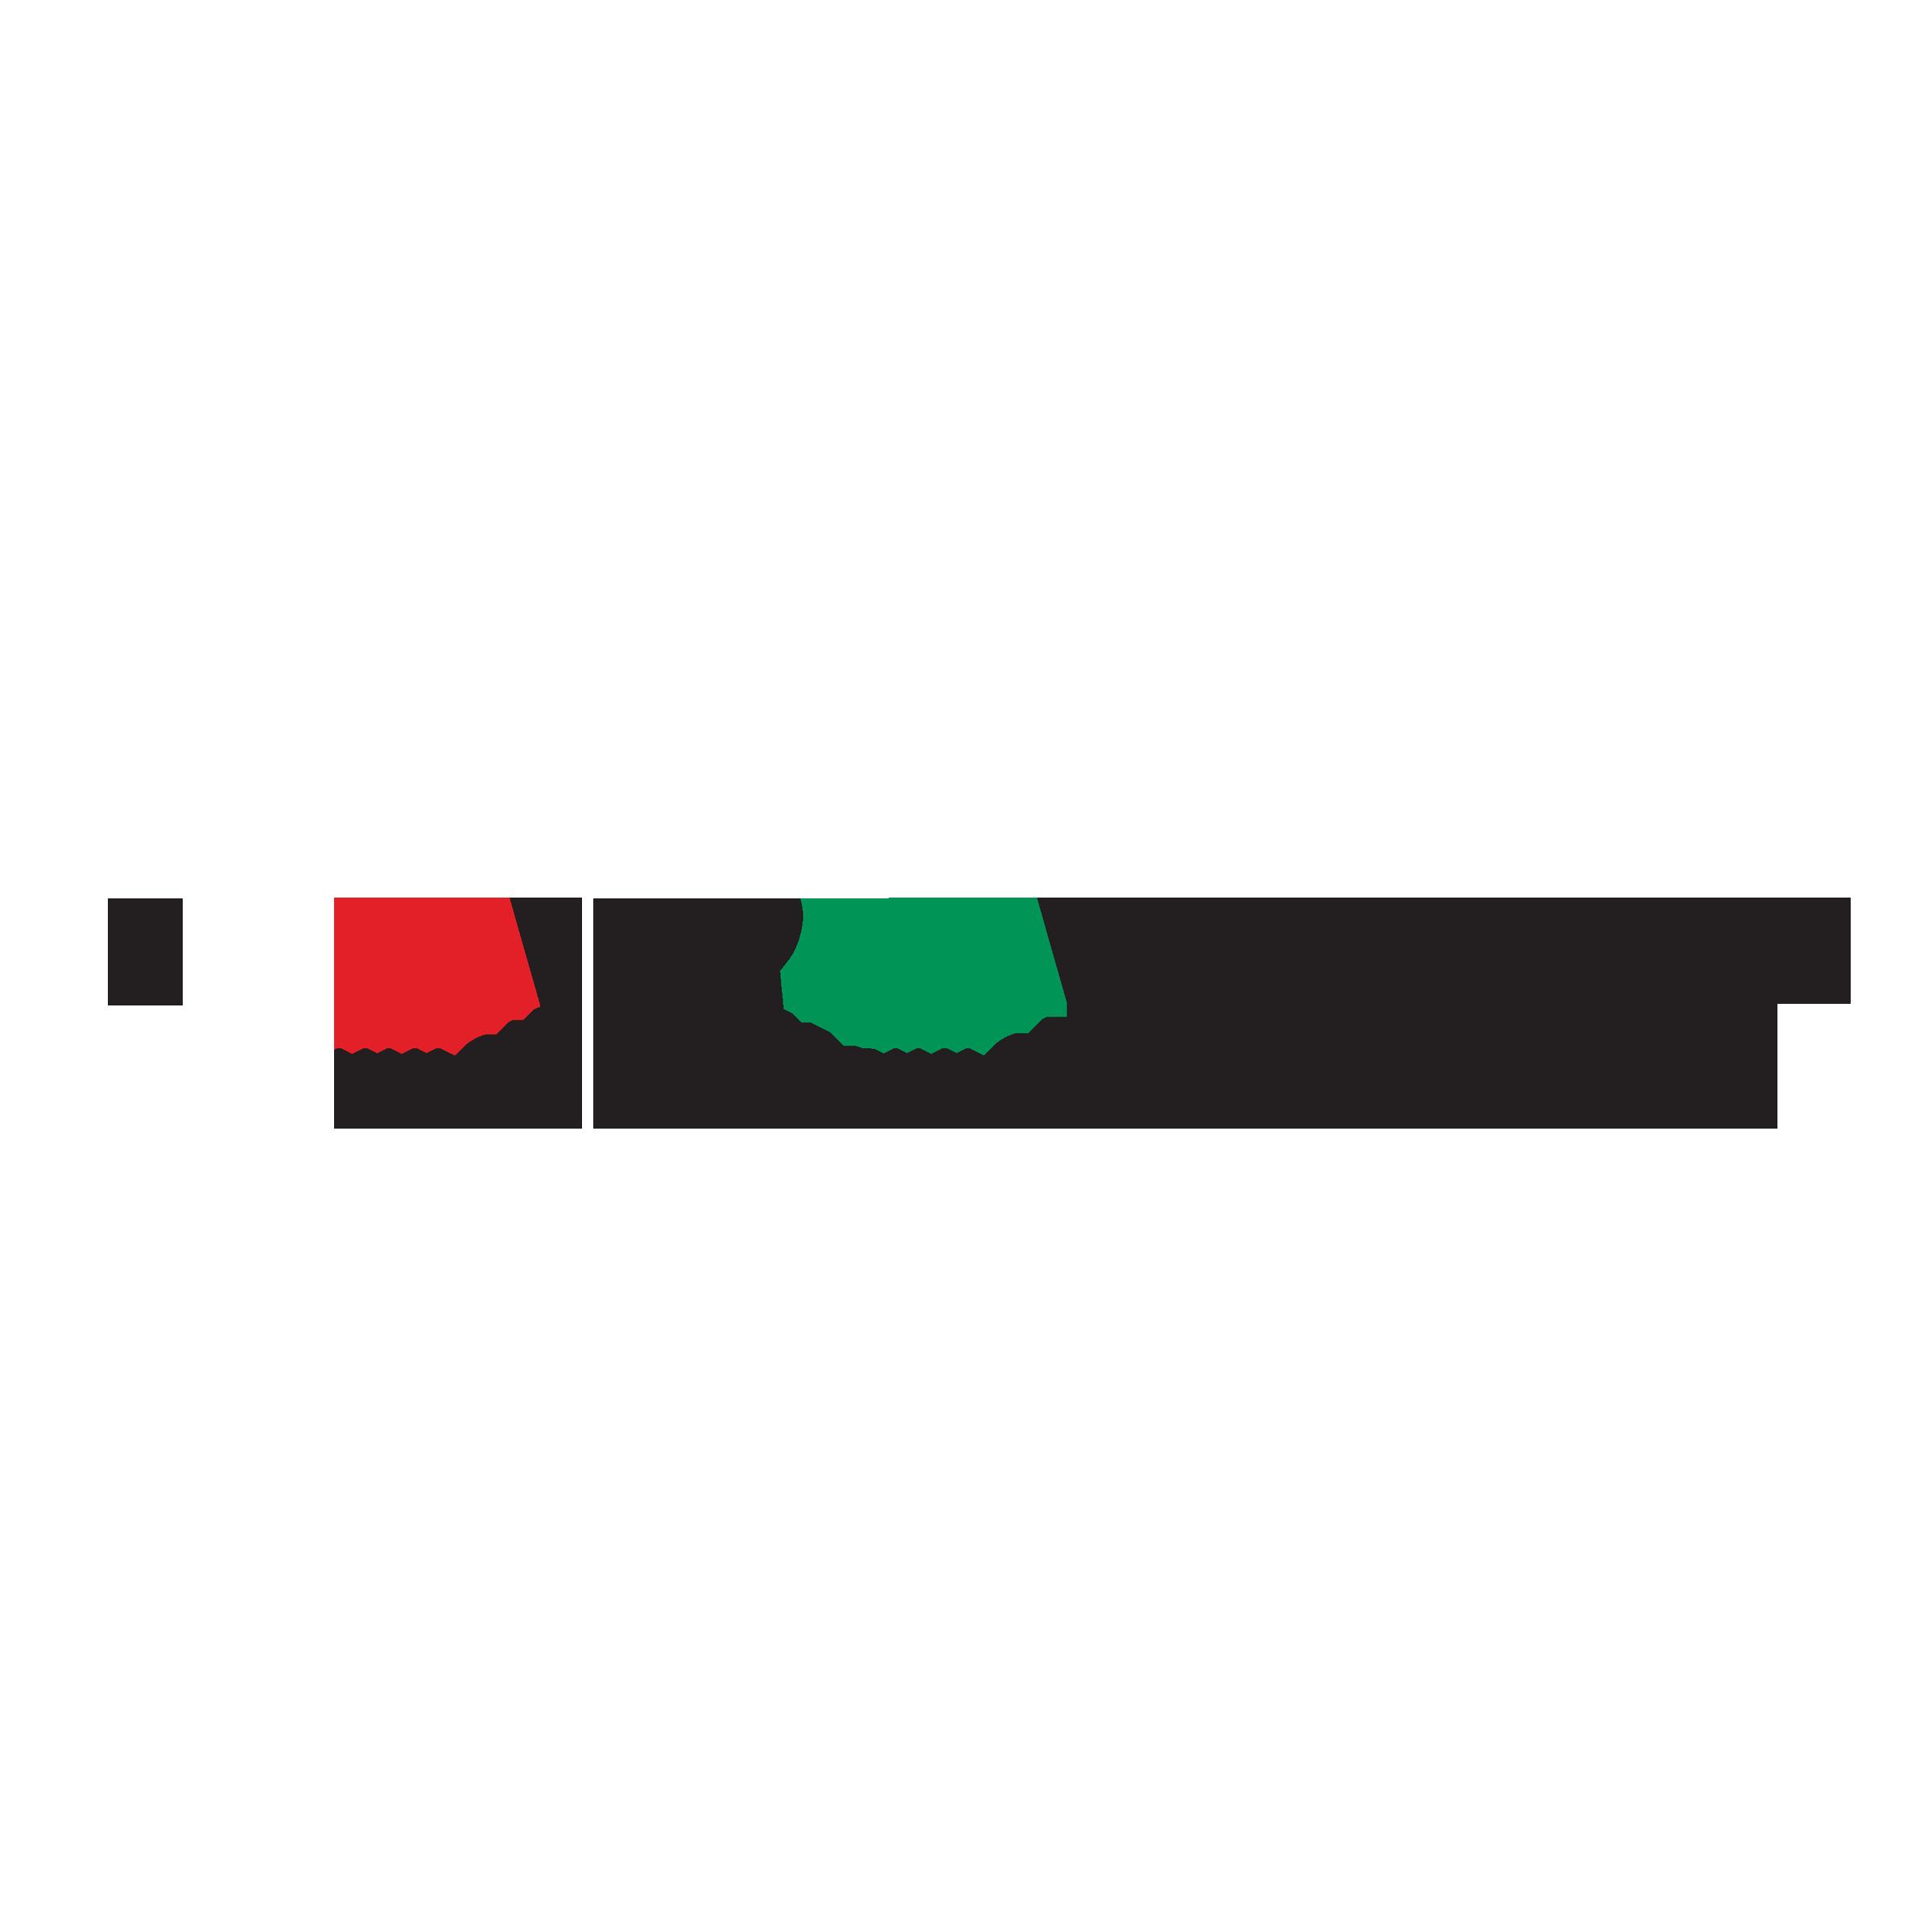 35Paradox